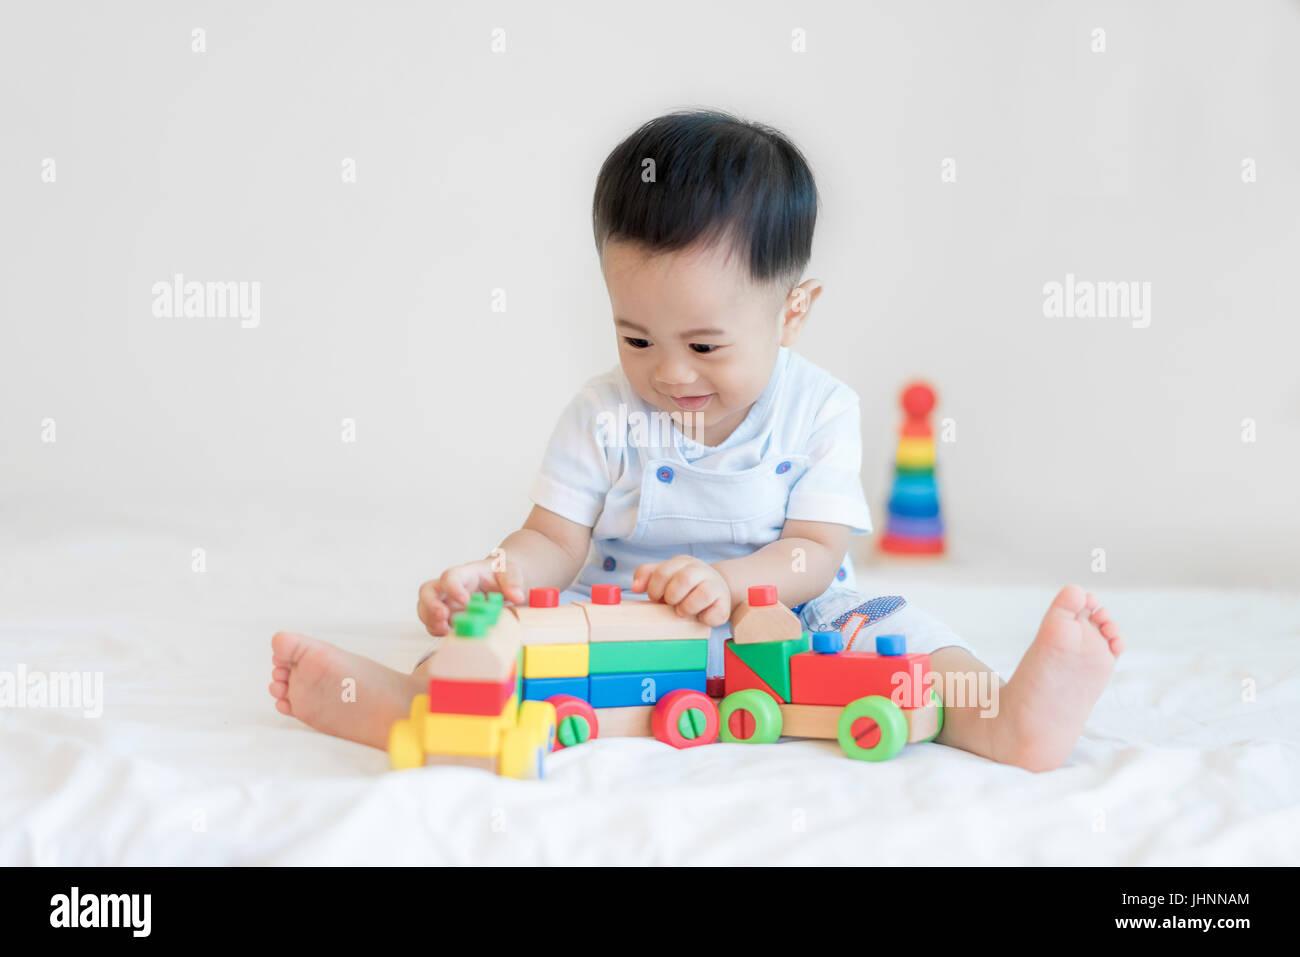 a3f2e890d2 Adorabili Asian baby boy 9 mesi seduta sul letto e a giocare con i colori  del treno in legno giocattoli a casa.